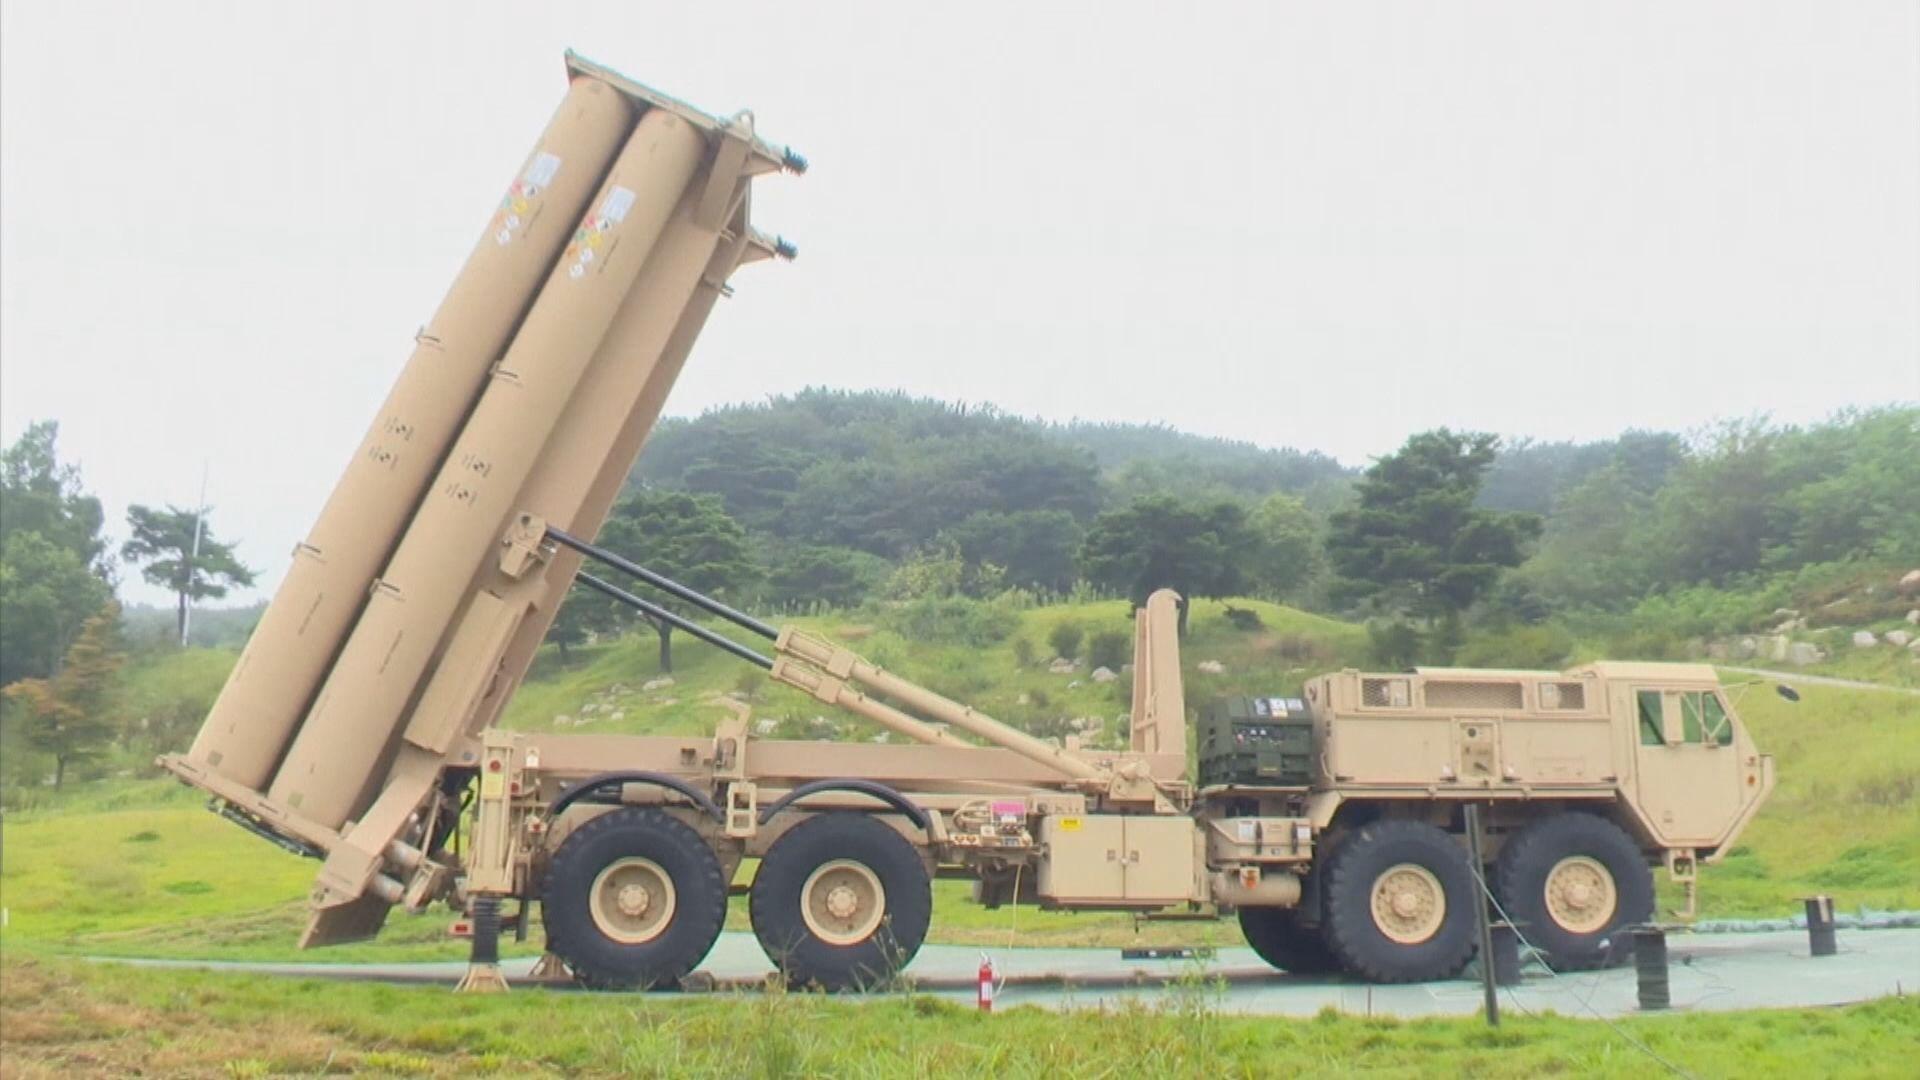 美國正跟盟友磋商在亞洲部署中程導彈